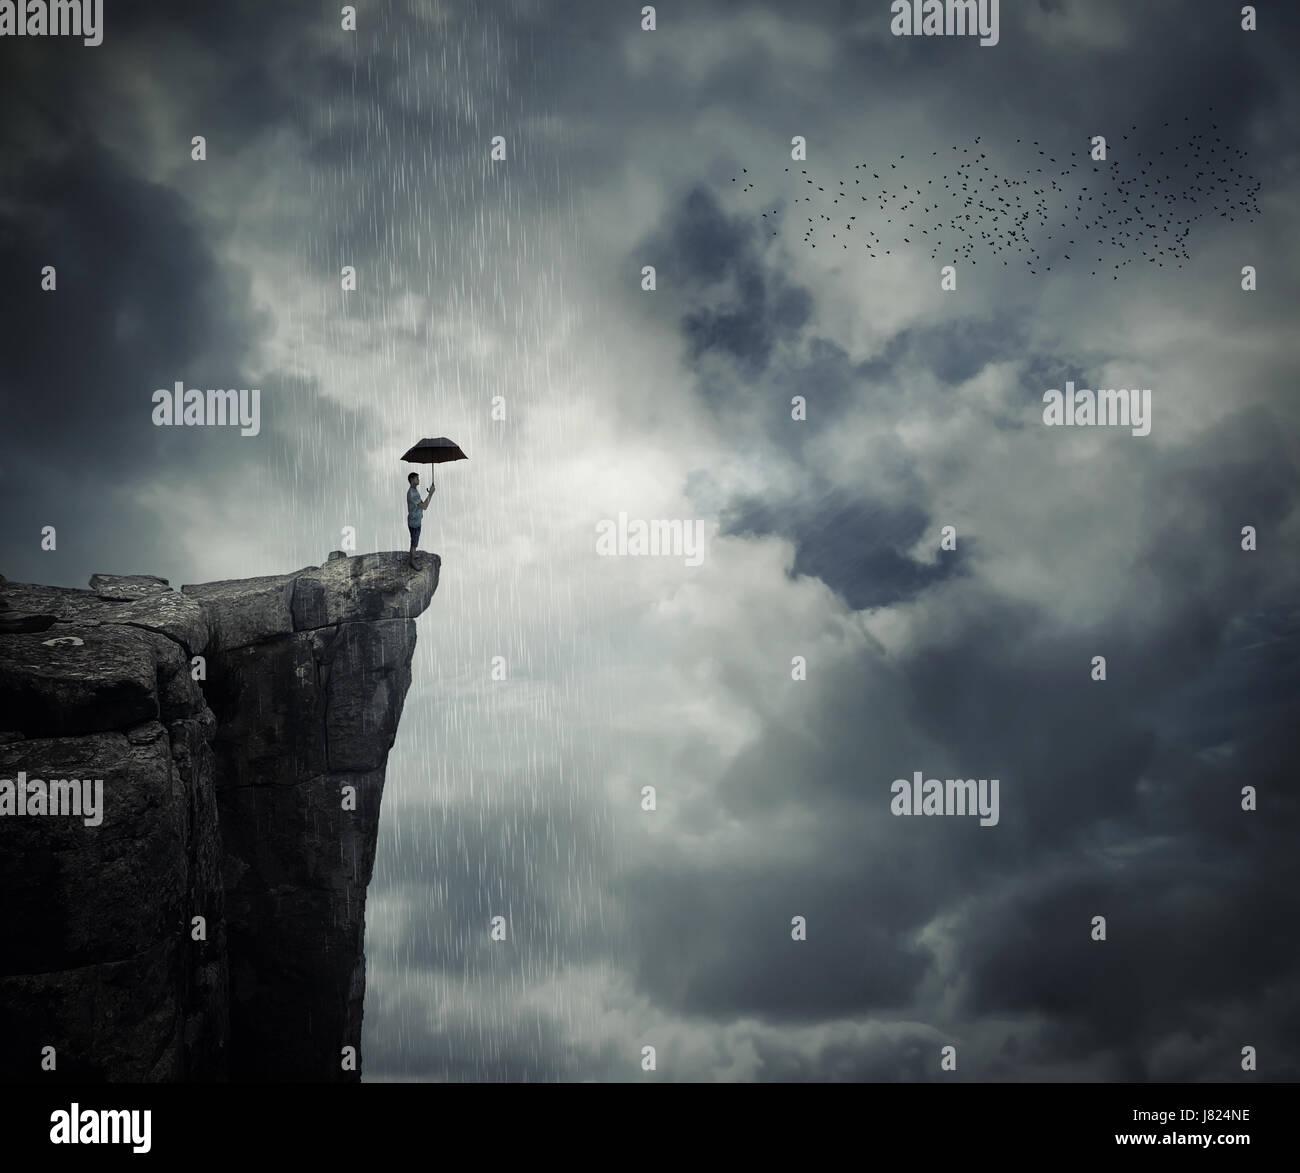 Mann mit Schirmständer am Rande der Klippe, ruft des Regens. Geheimnisvoller Ort über den Wolken. Stockbild